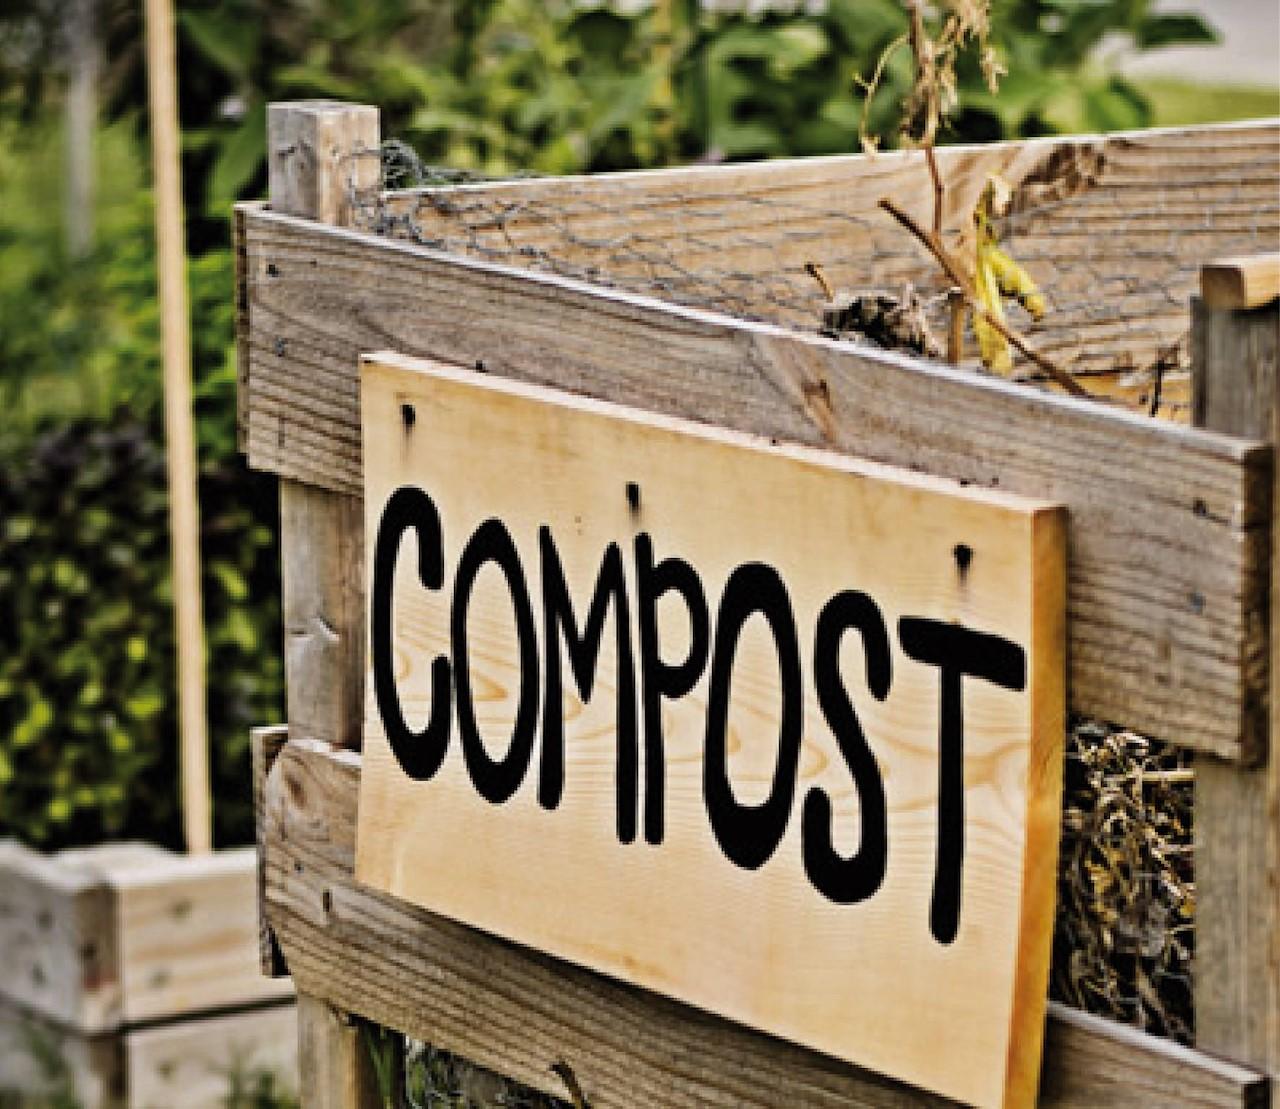 Hoe maak ik mijn eigen composthoop?